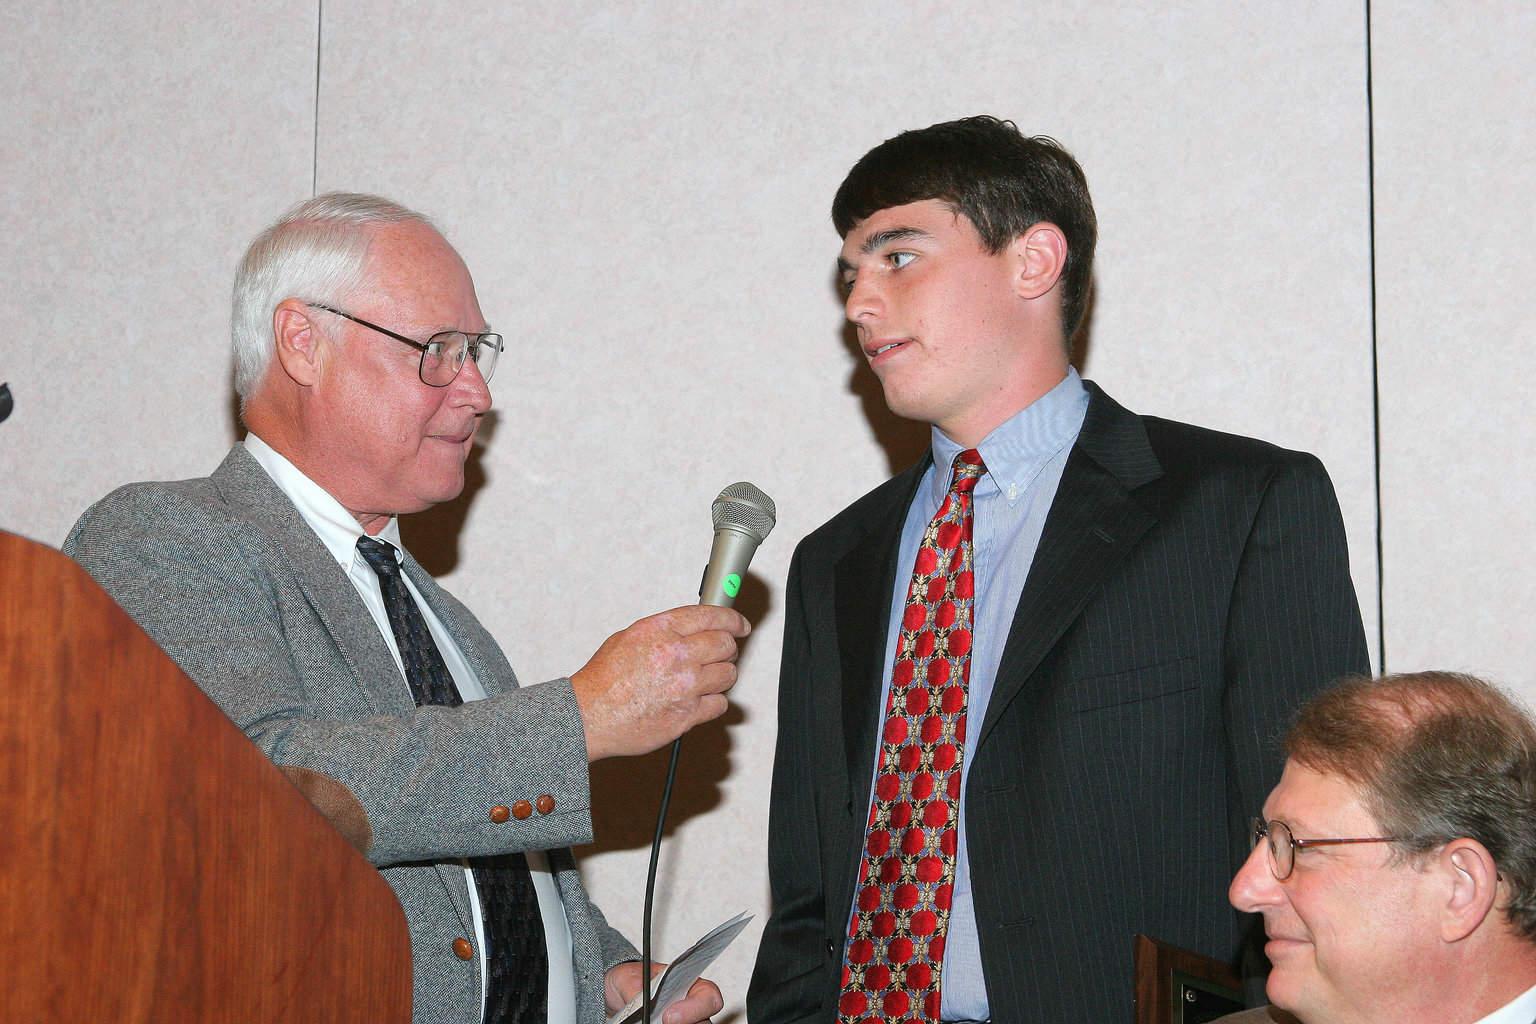 10-11-04 Interviewing Brett Hallman